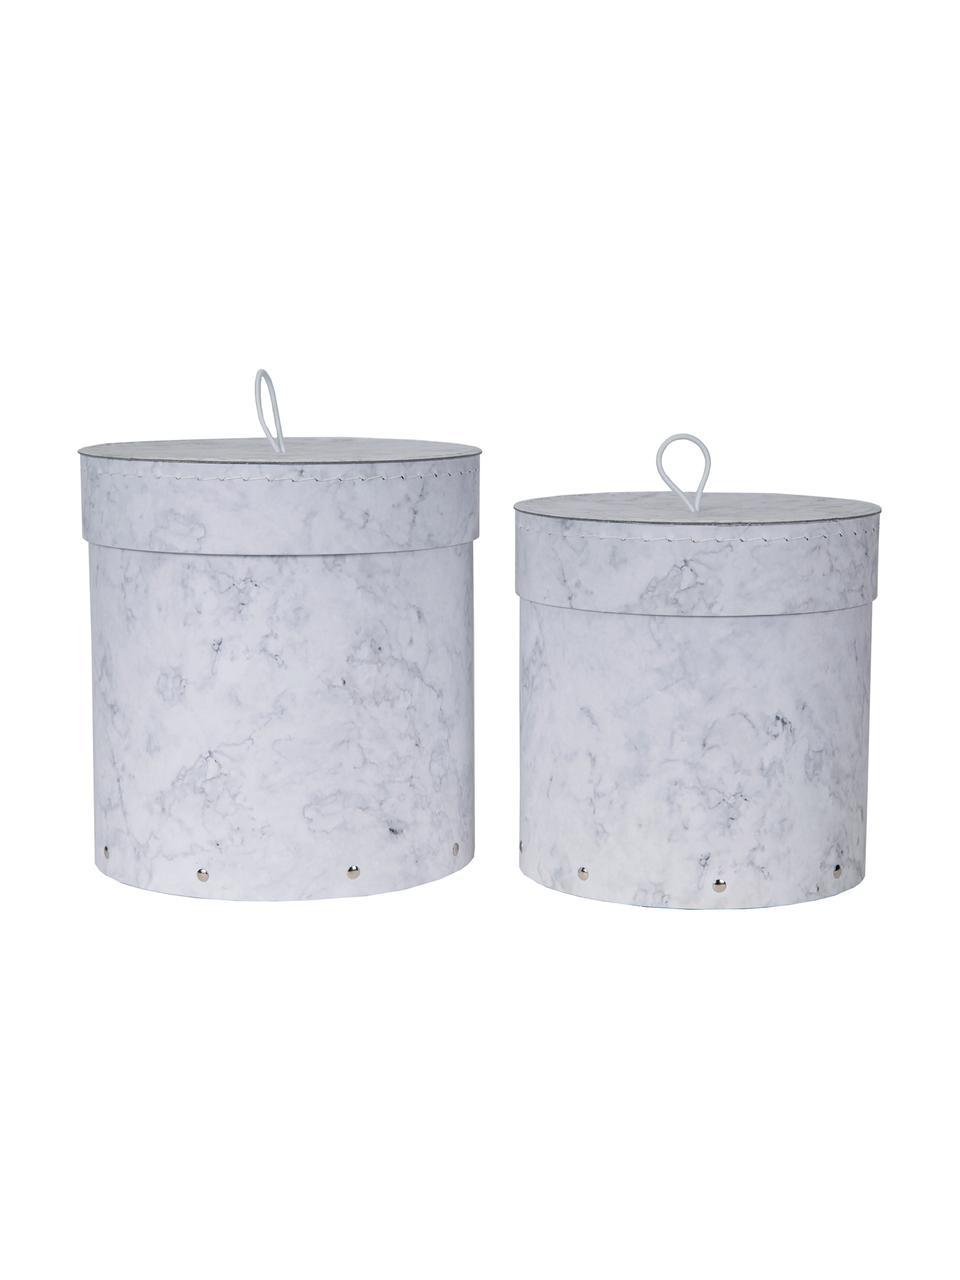 Set 2 scatole con coperchio Hanna, Scatola: solido, cartone laminato, Maniglia: gomma, Bianco, marmorizzato, Set in varie misure